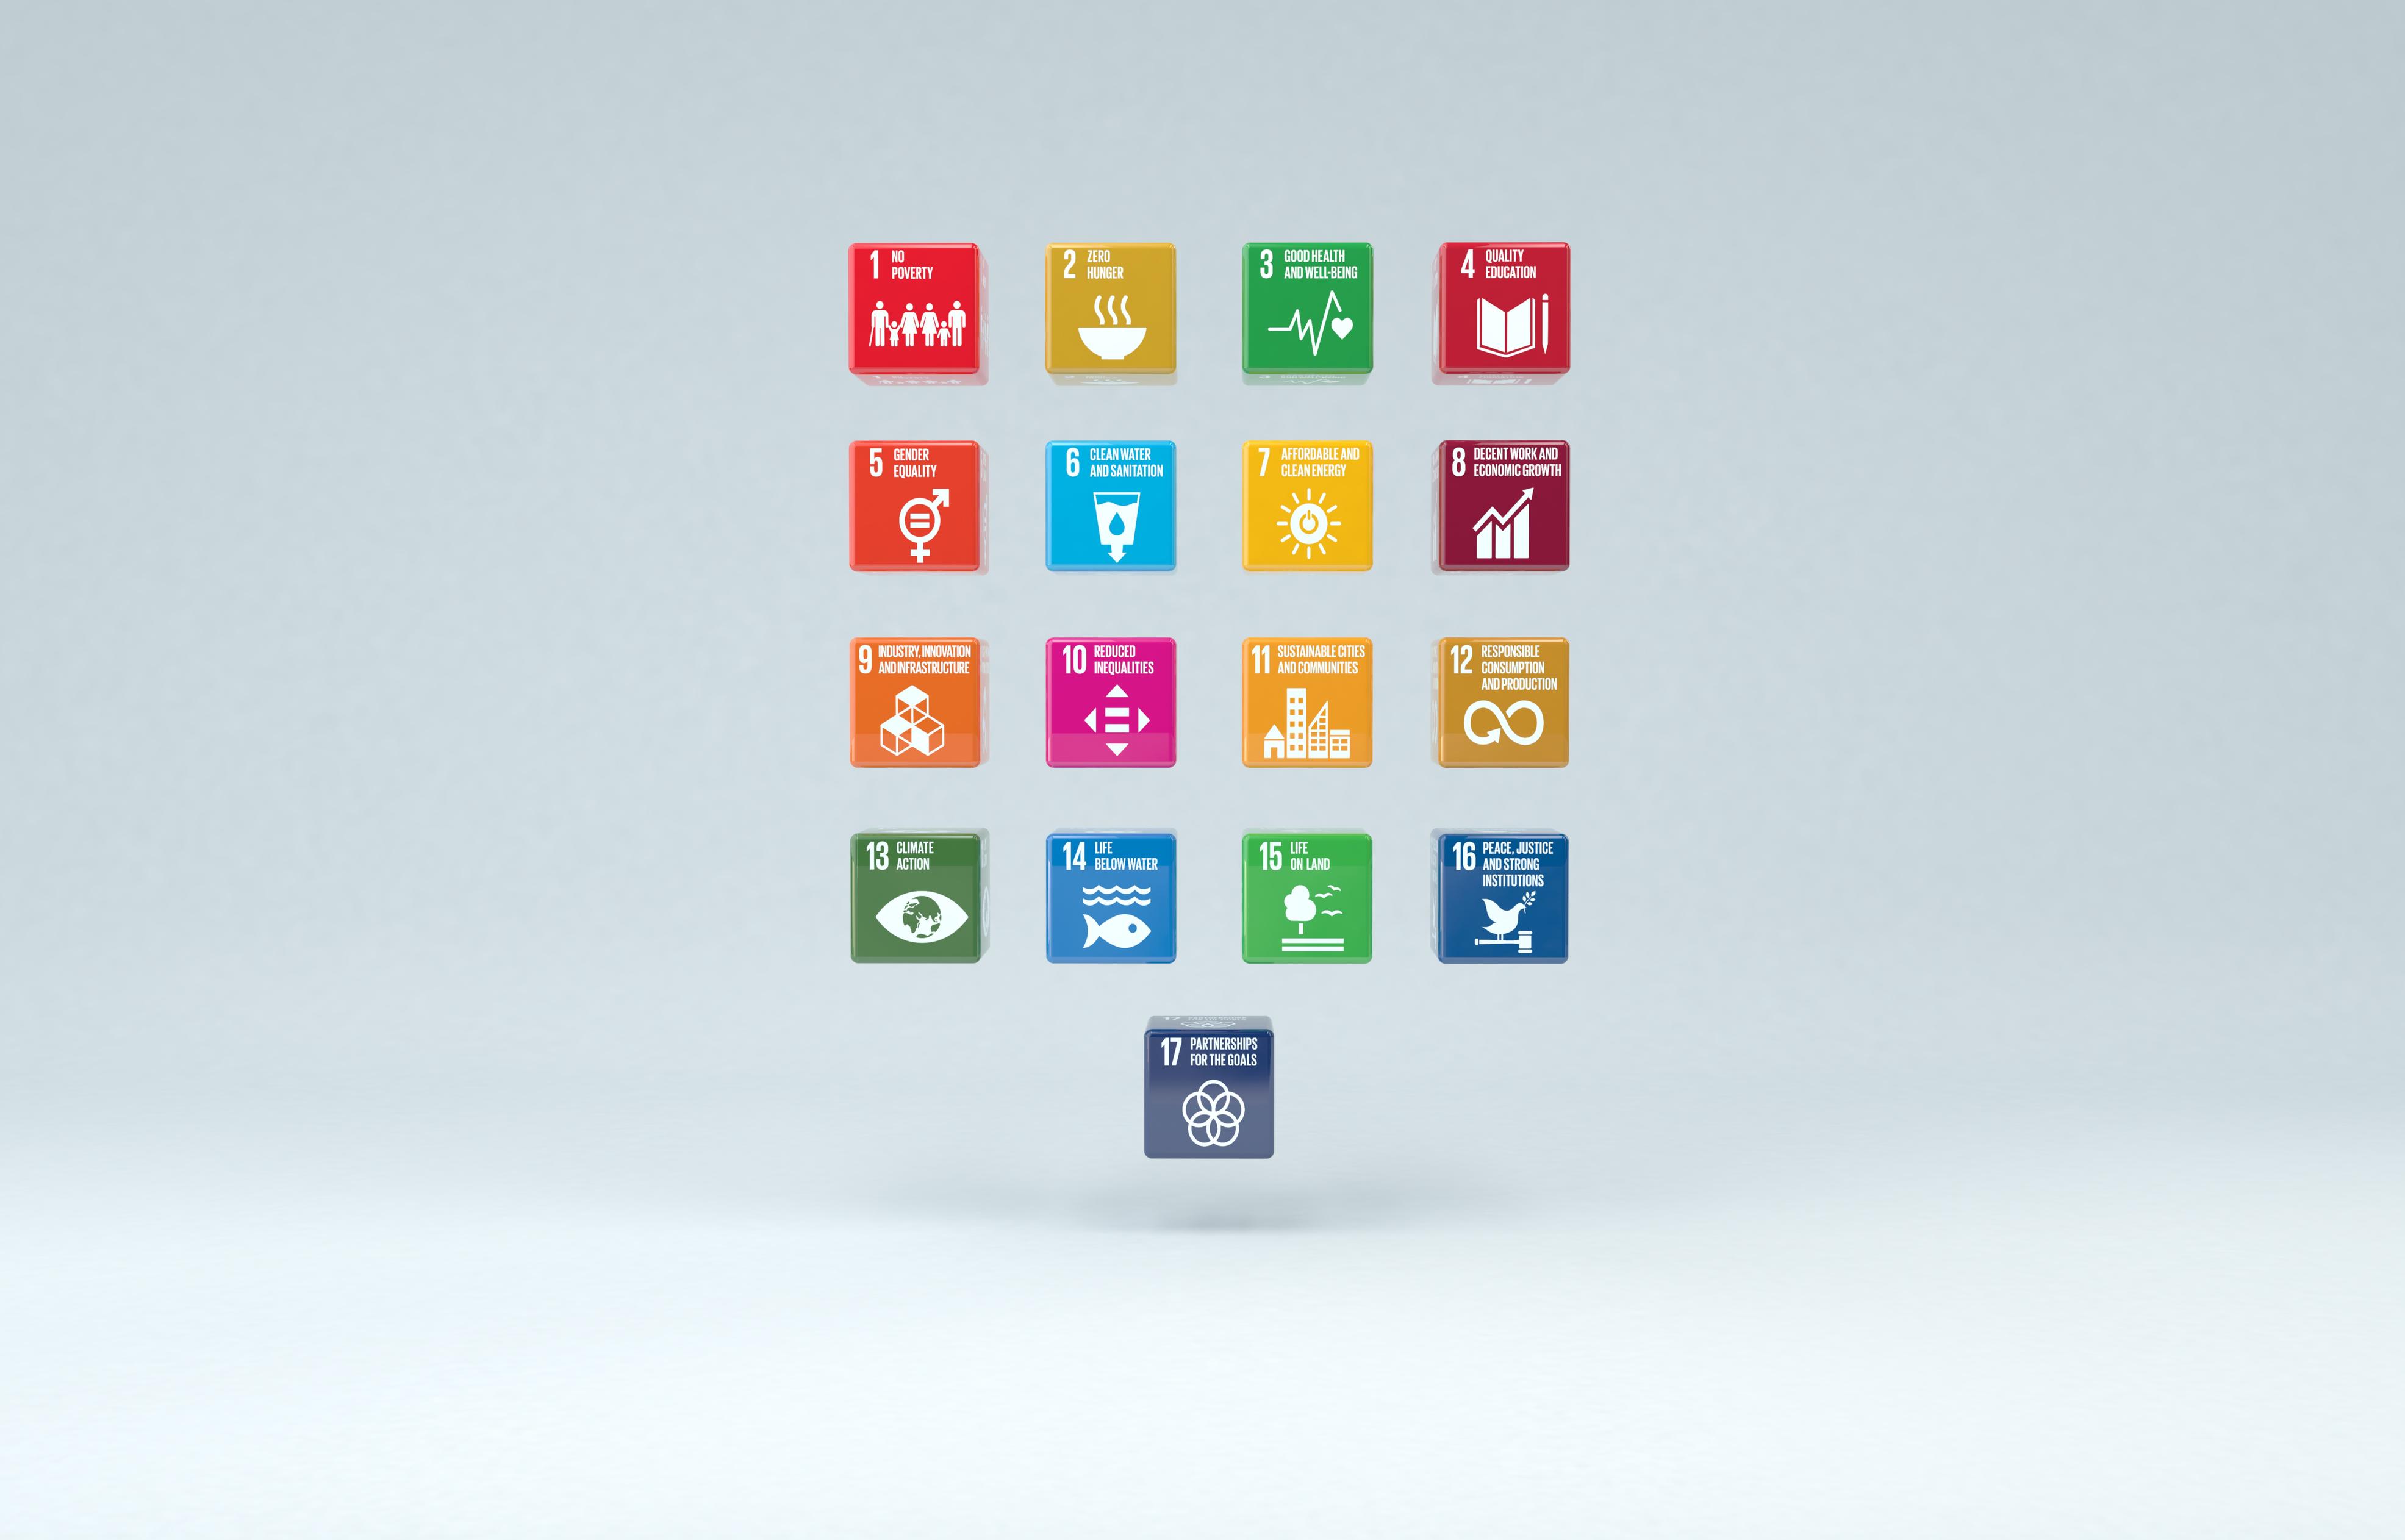 Prysmian steigert sein Engagement in Sachen Nachhaltigkeit